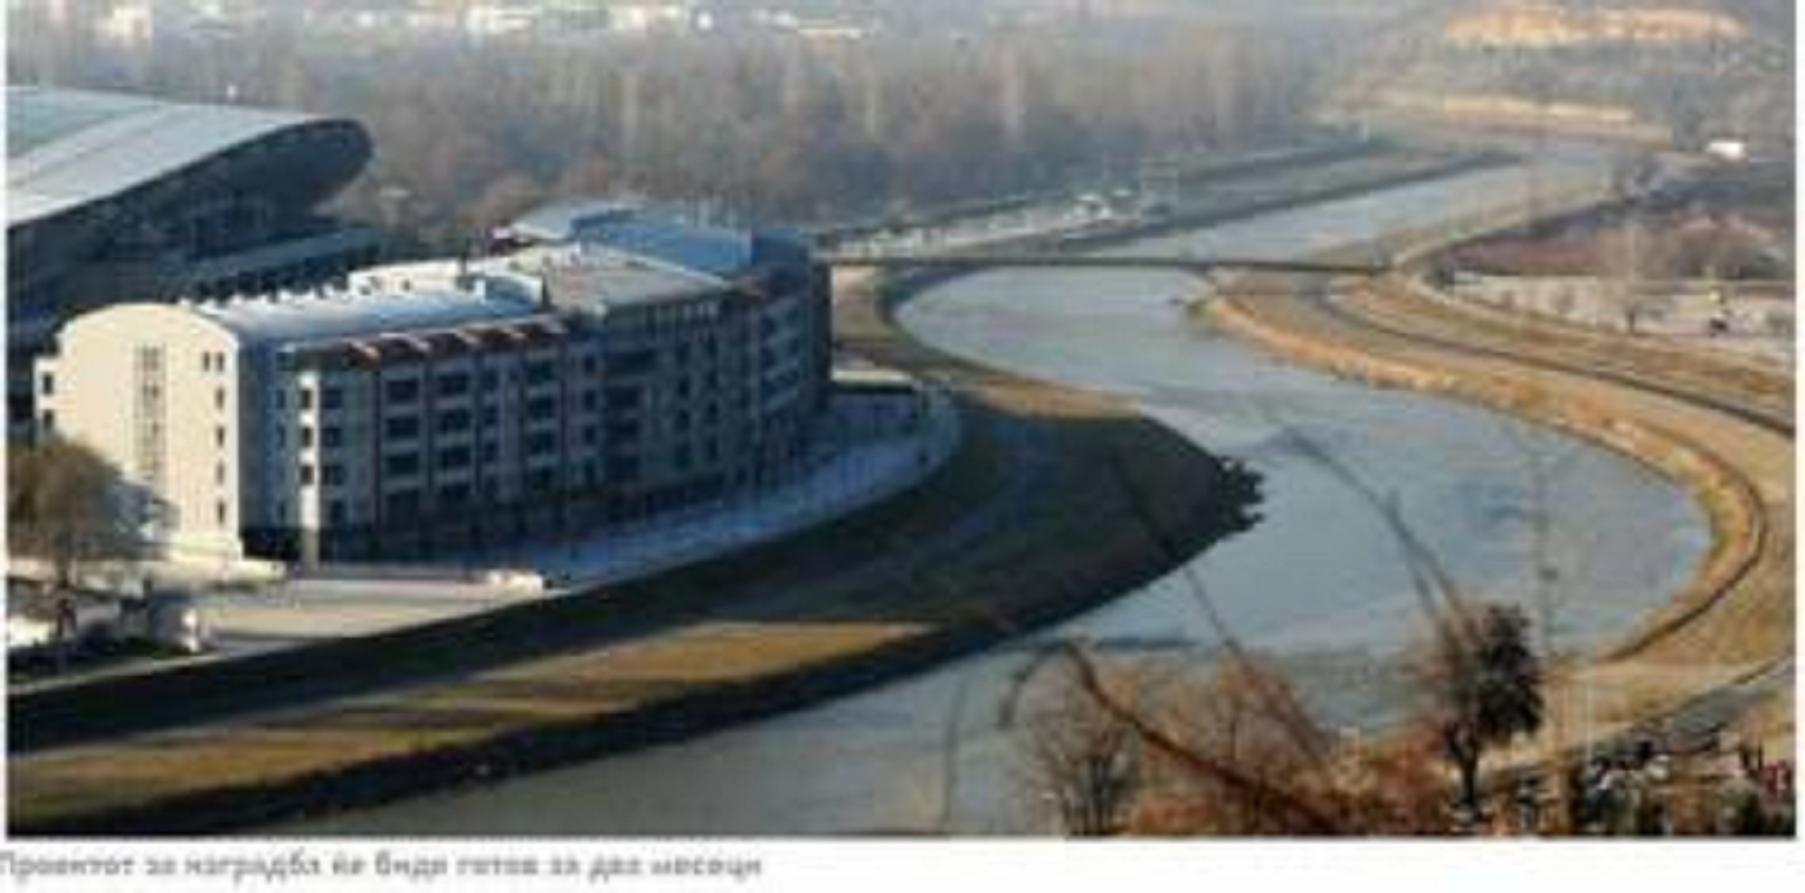 Ἄς ἐνώσουμε τὰ ποτάμια μας γιὰ νὰ πνιγόμαστε παρέα!!!